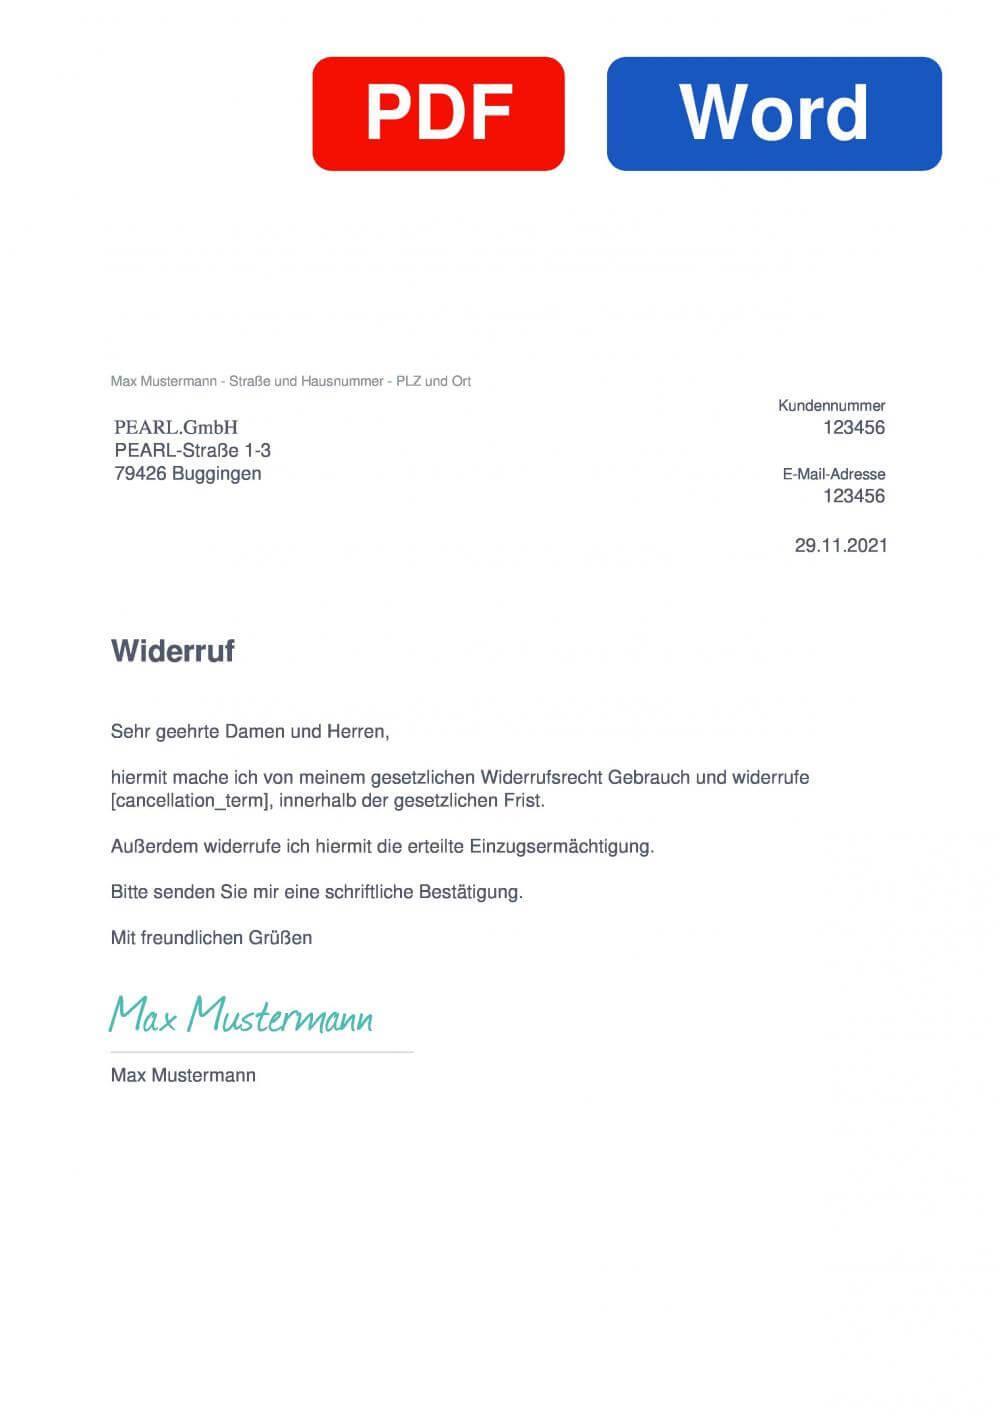 PEARL Muster Vorlage für Wiederrufsschreiben